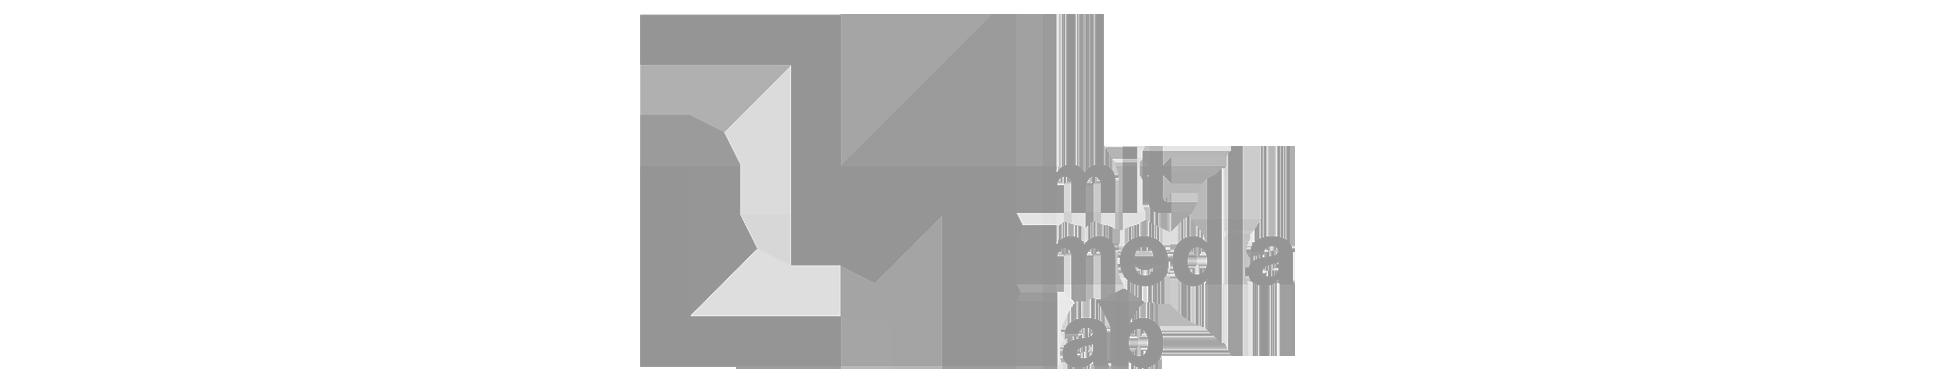 mitmedialab-bw